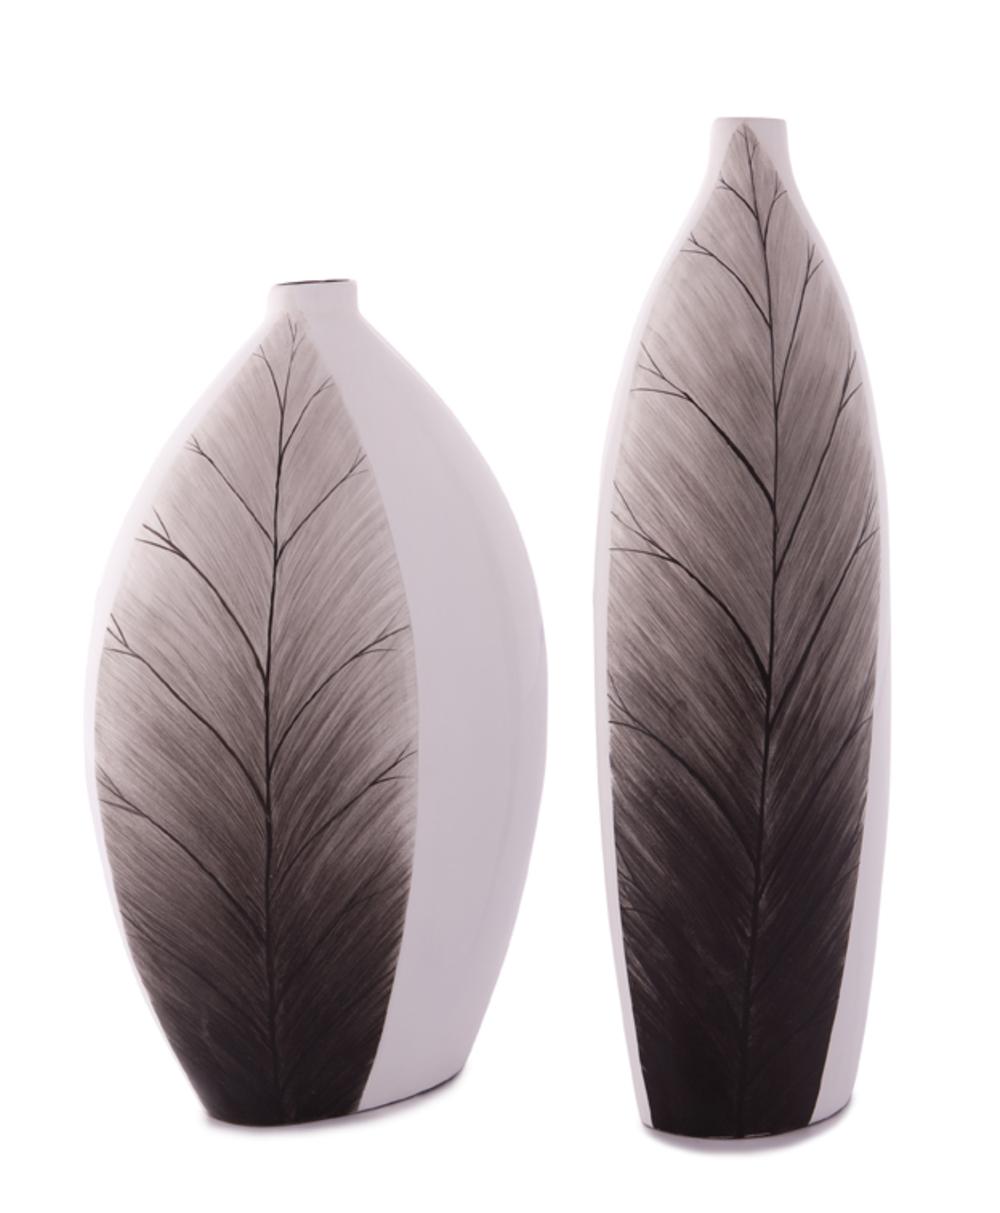 Hebi Arts - Leaf Vase